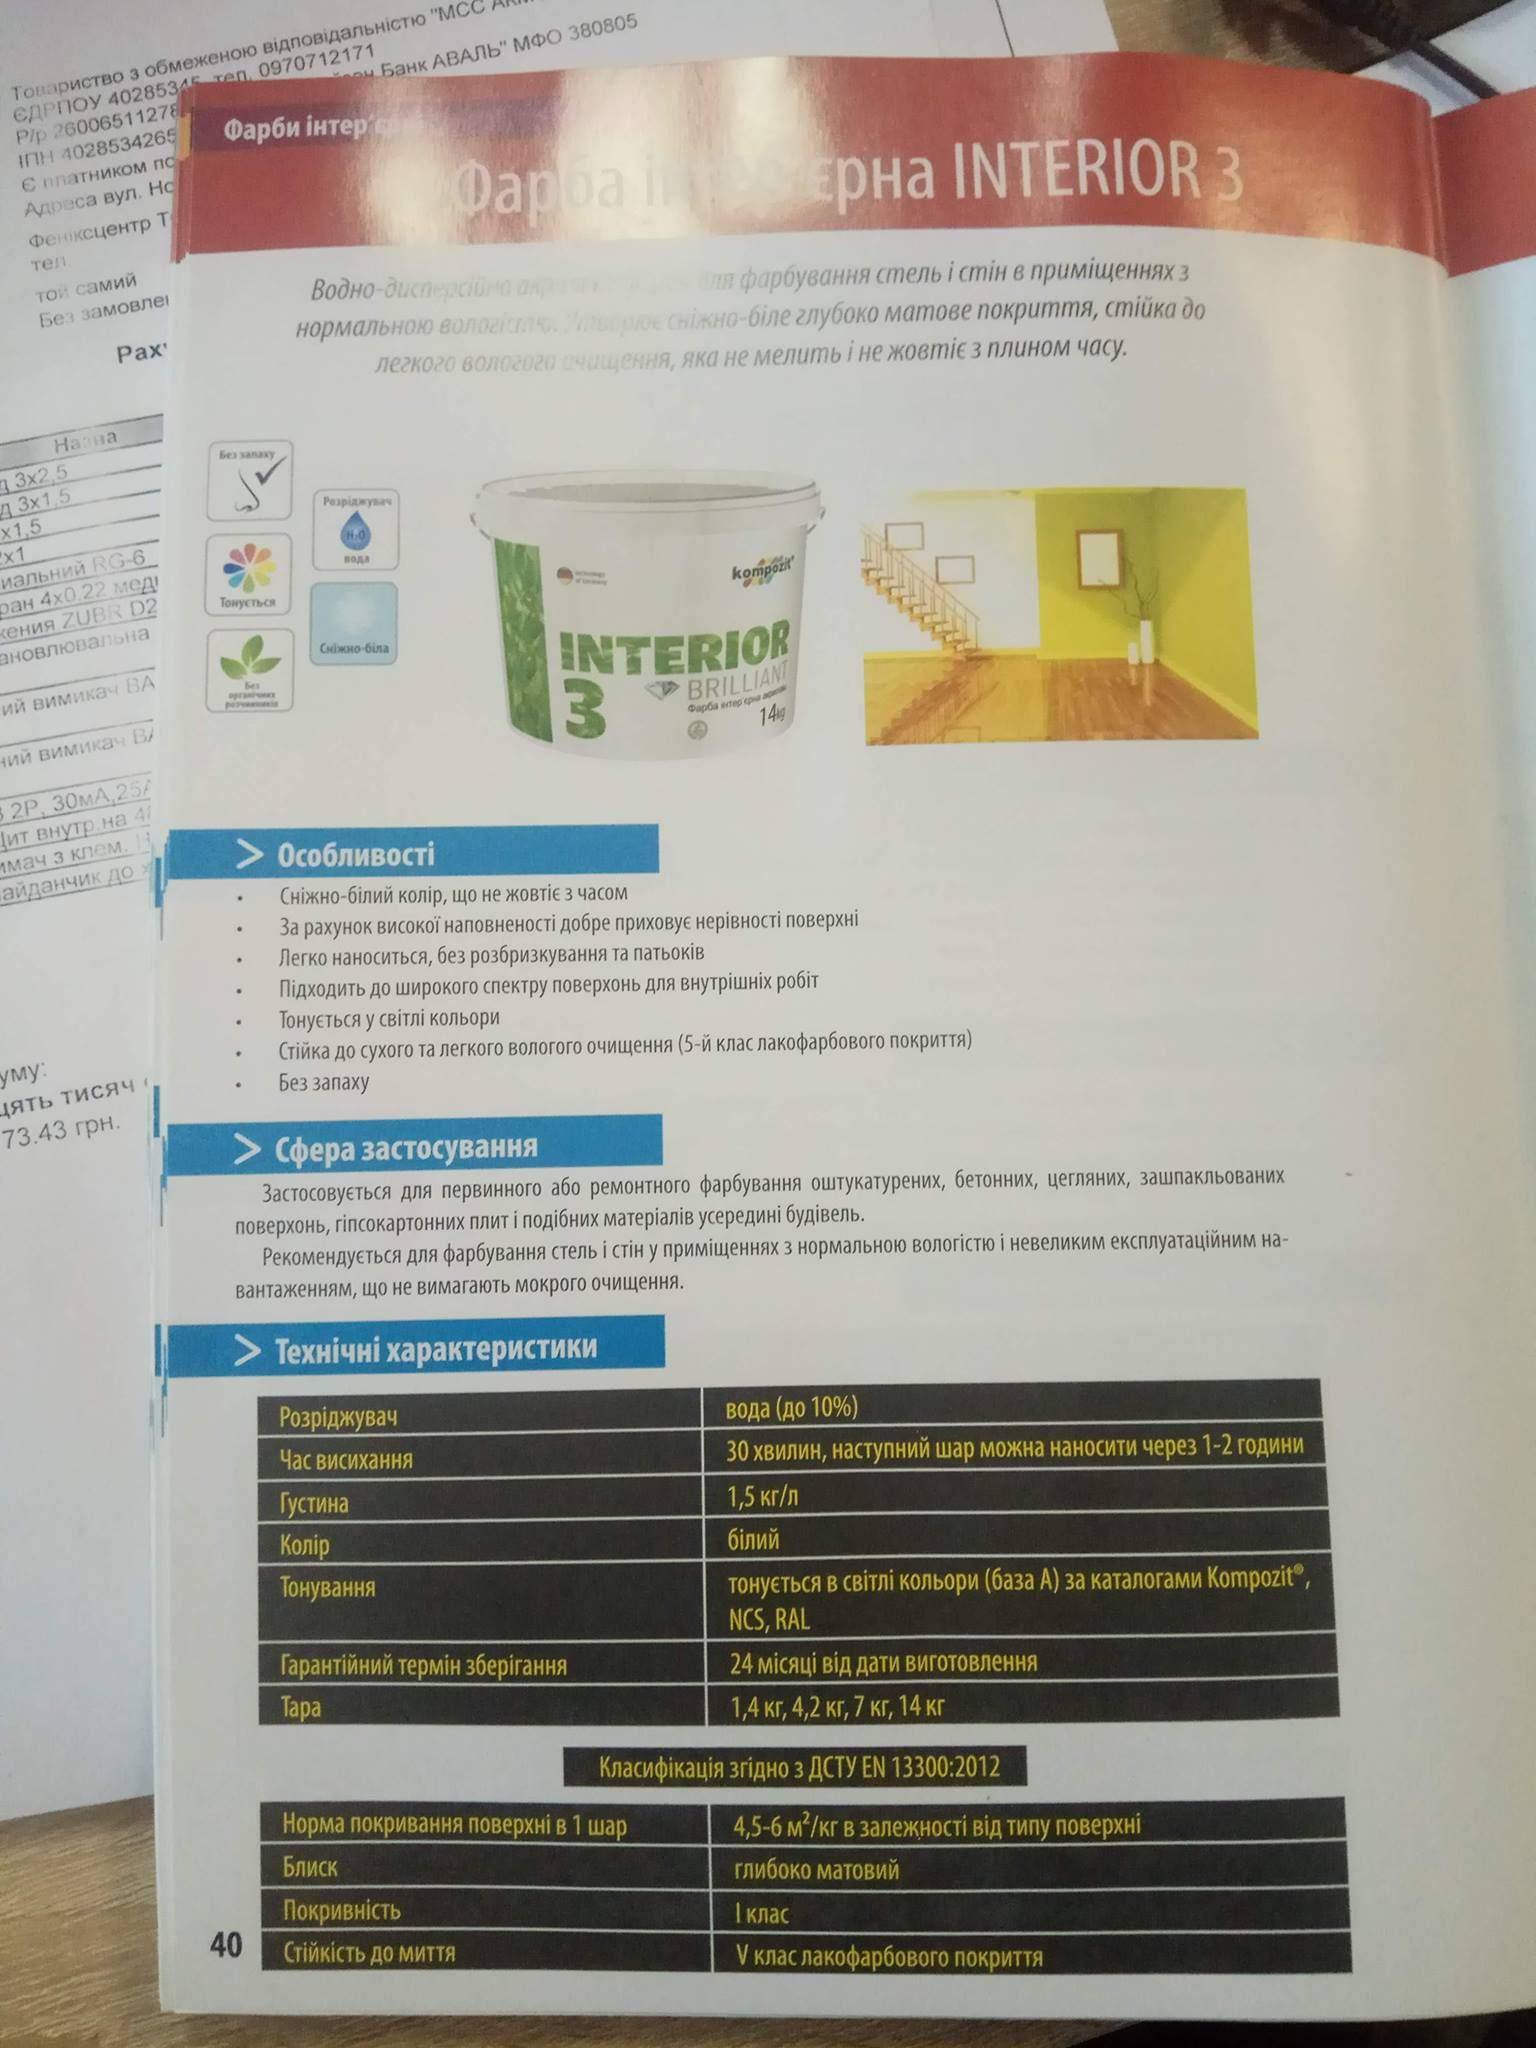 Допоможи відділенню гематології